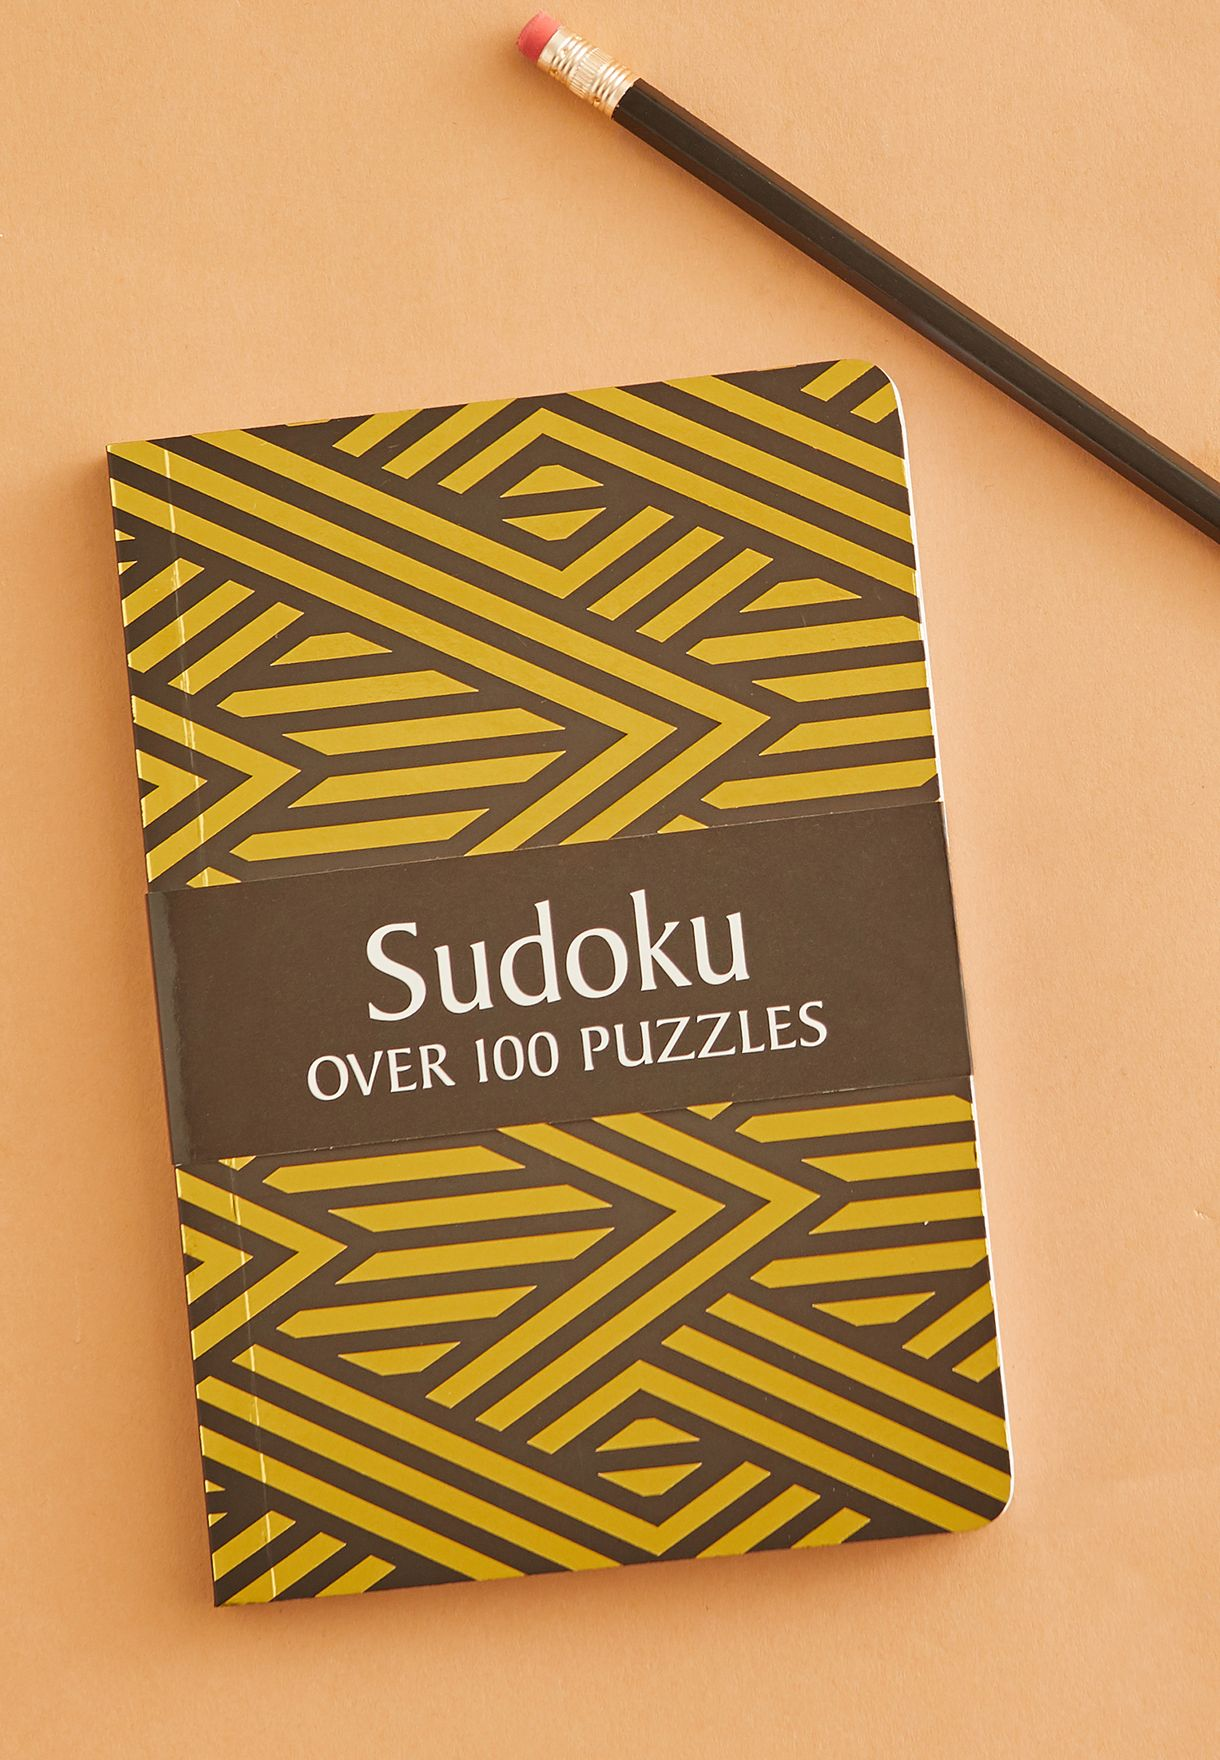 كتاب ألغاز سودوكو